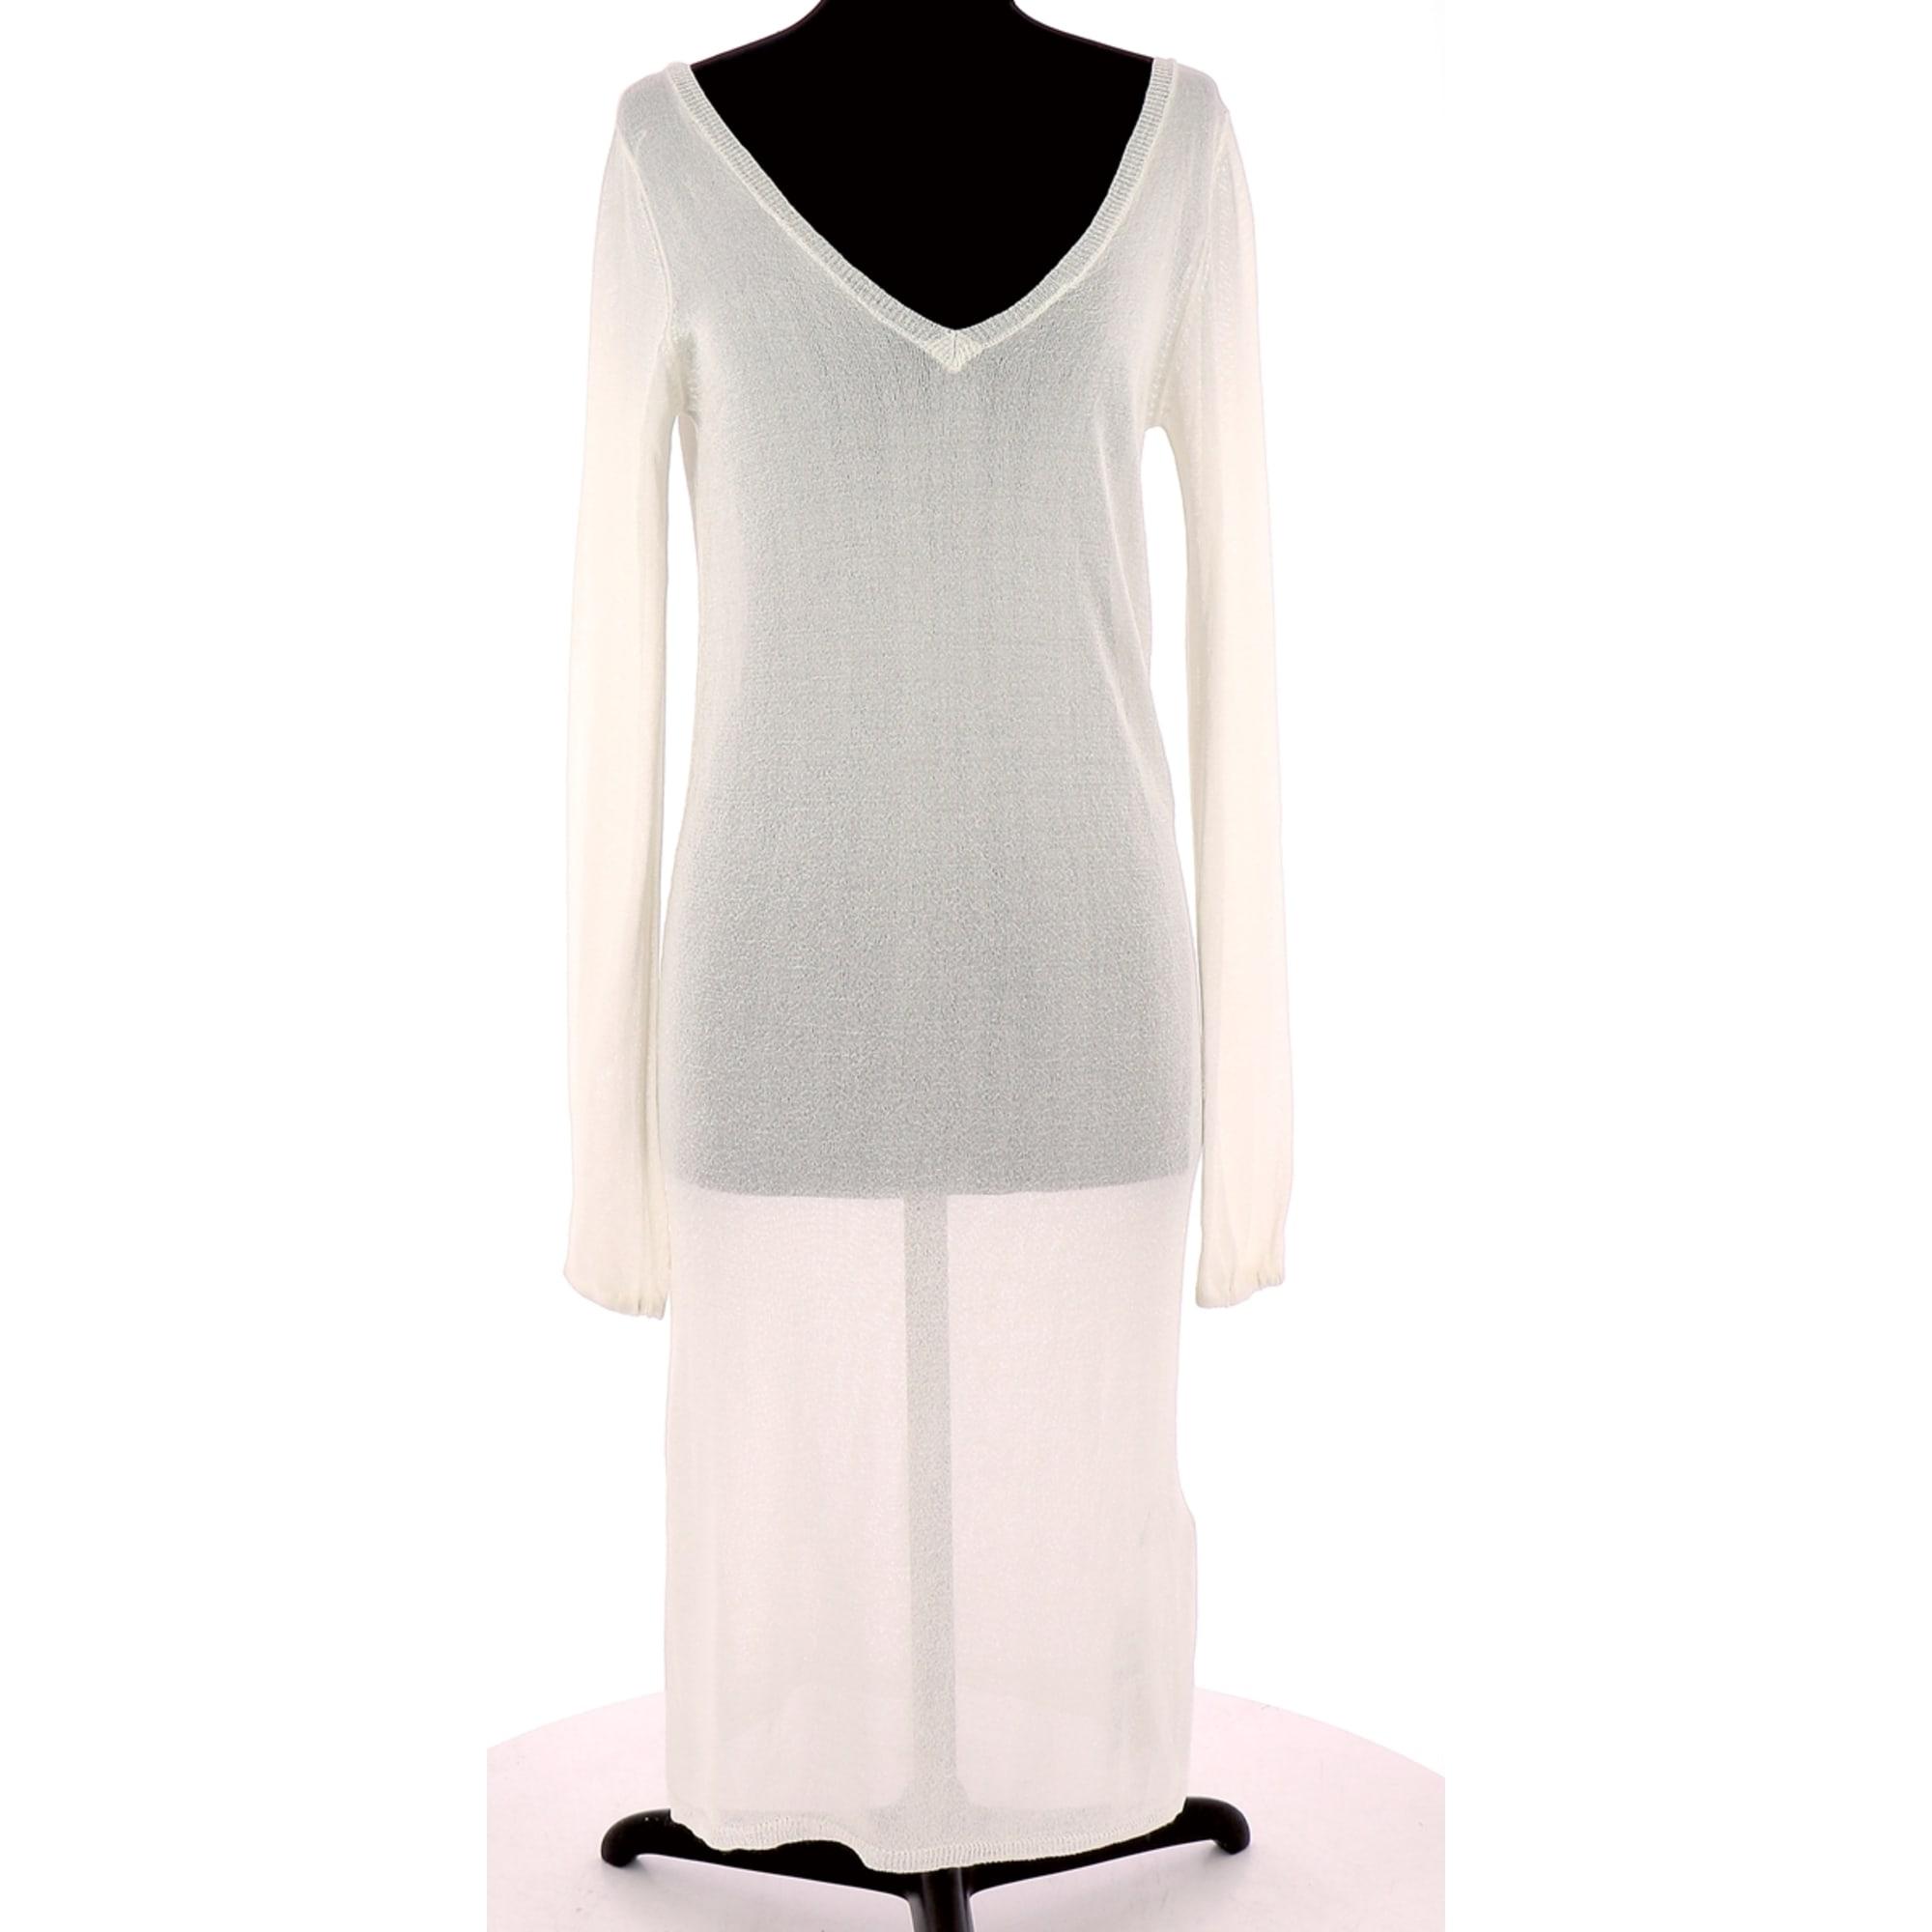 Midi-Kleid BEL AIR Weiß, elfenbeinfarben